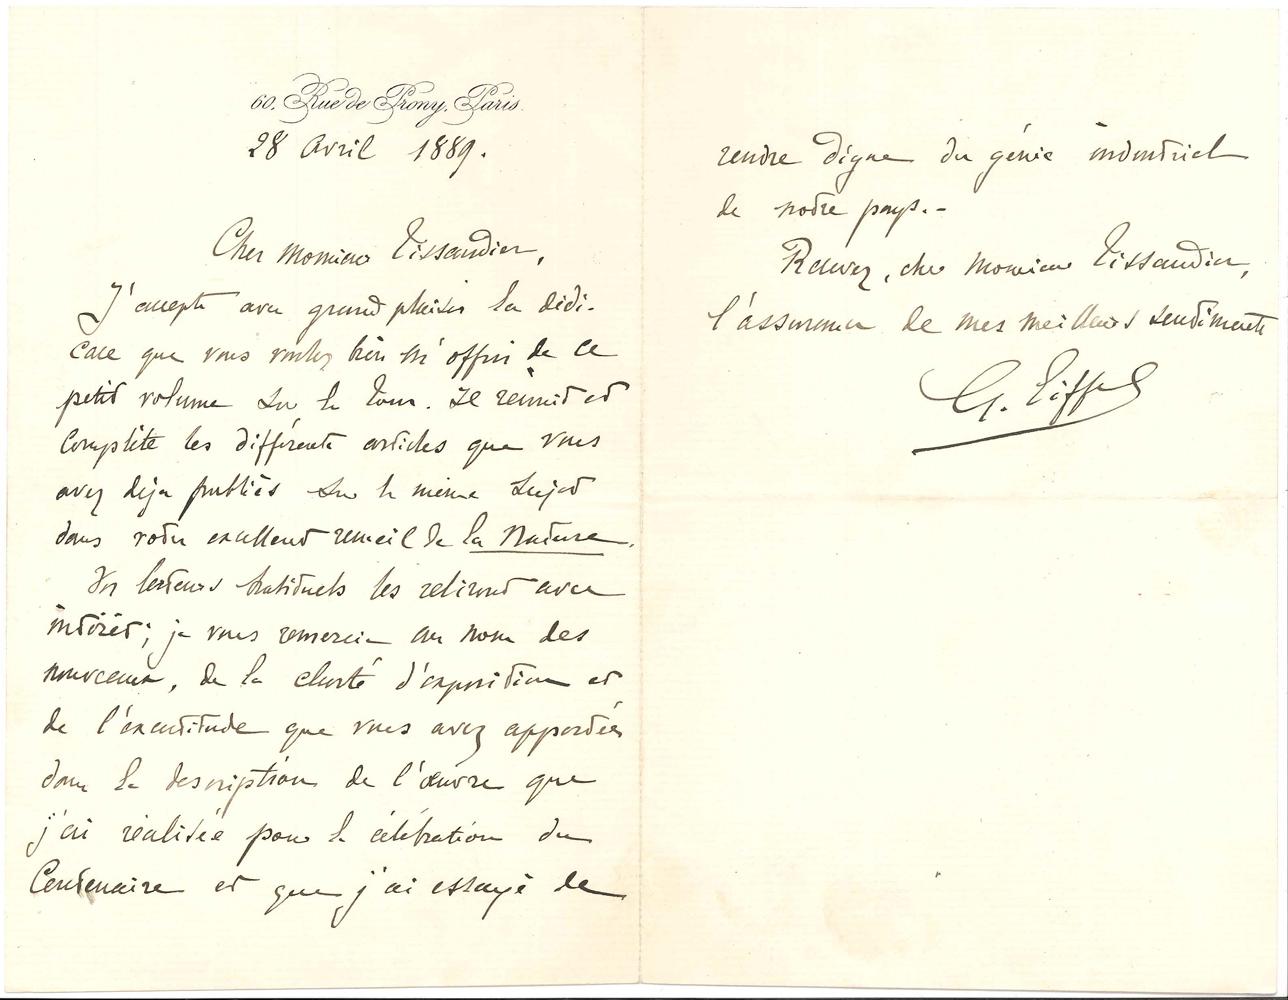 gustave-eiffel-1832-1923-ingenieur-pionnier-de-larchitecture-metallique-l-a-s-paris-28-avril-1889-a-gaston-tissandier-1-page-et-demie-in-8-a-son-adresse-lettre-preface-pour-la-tour-eiffel-de-300-metres-description--410